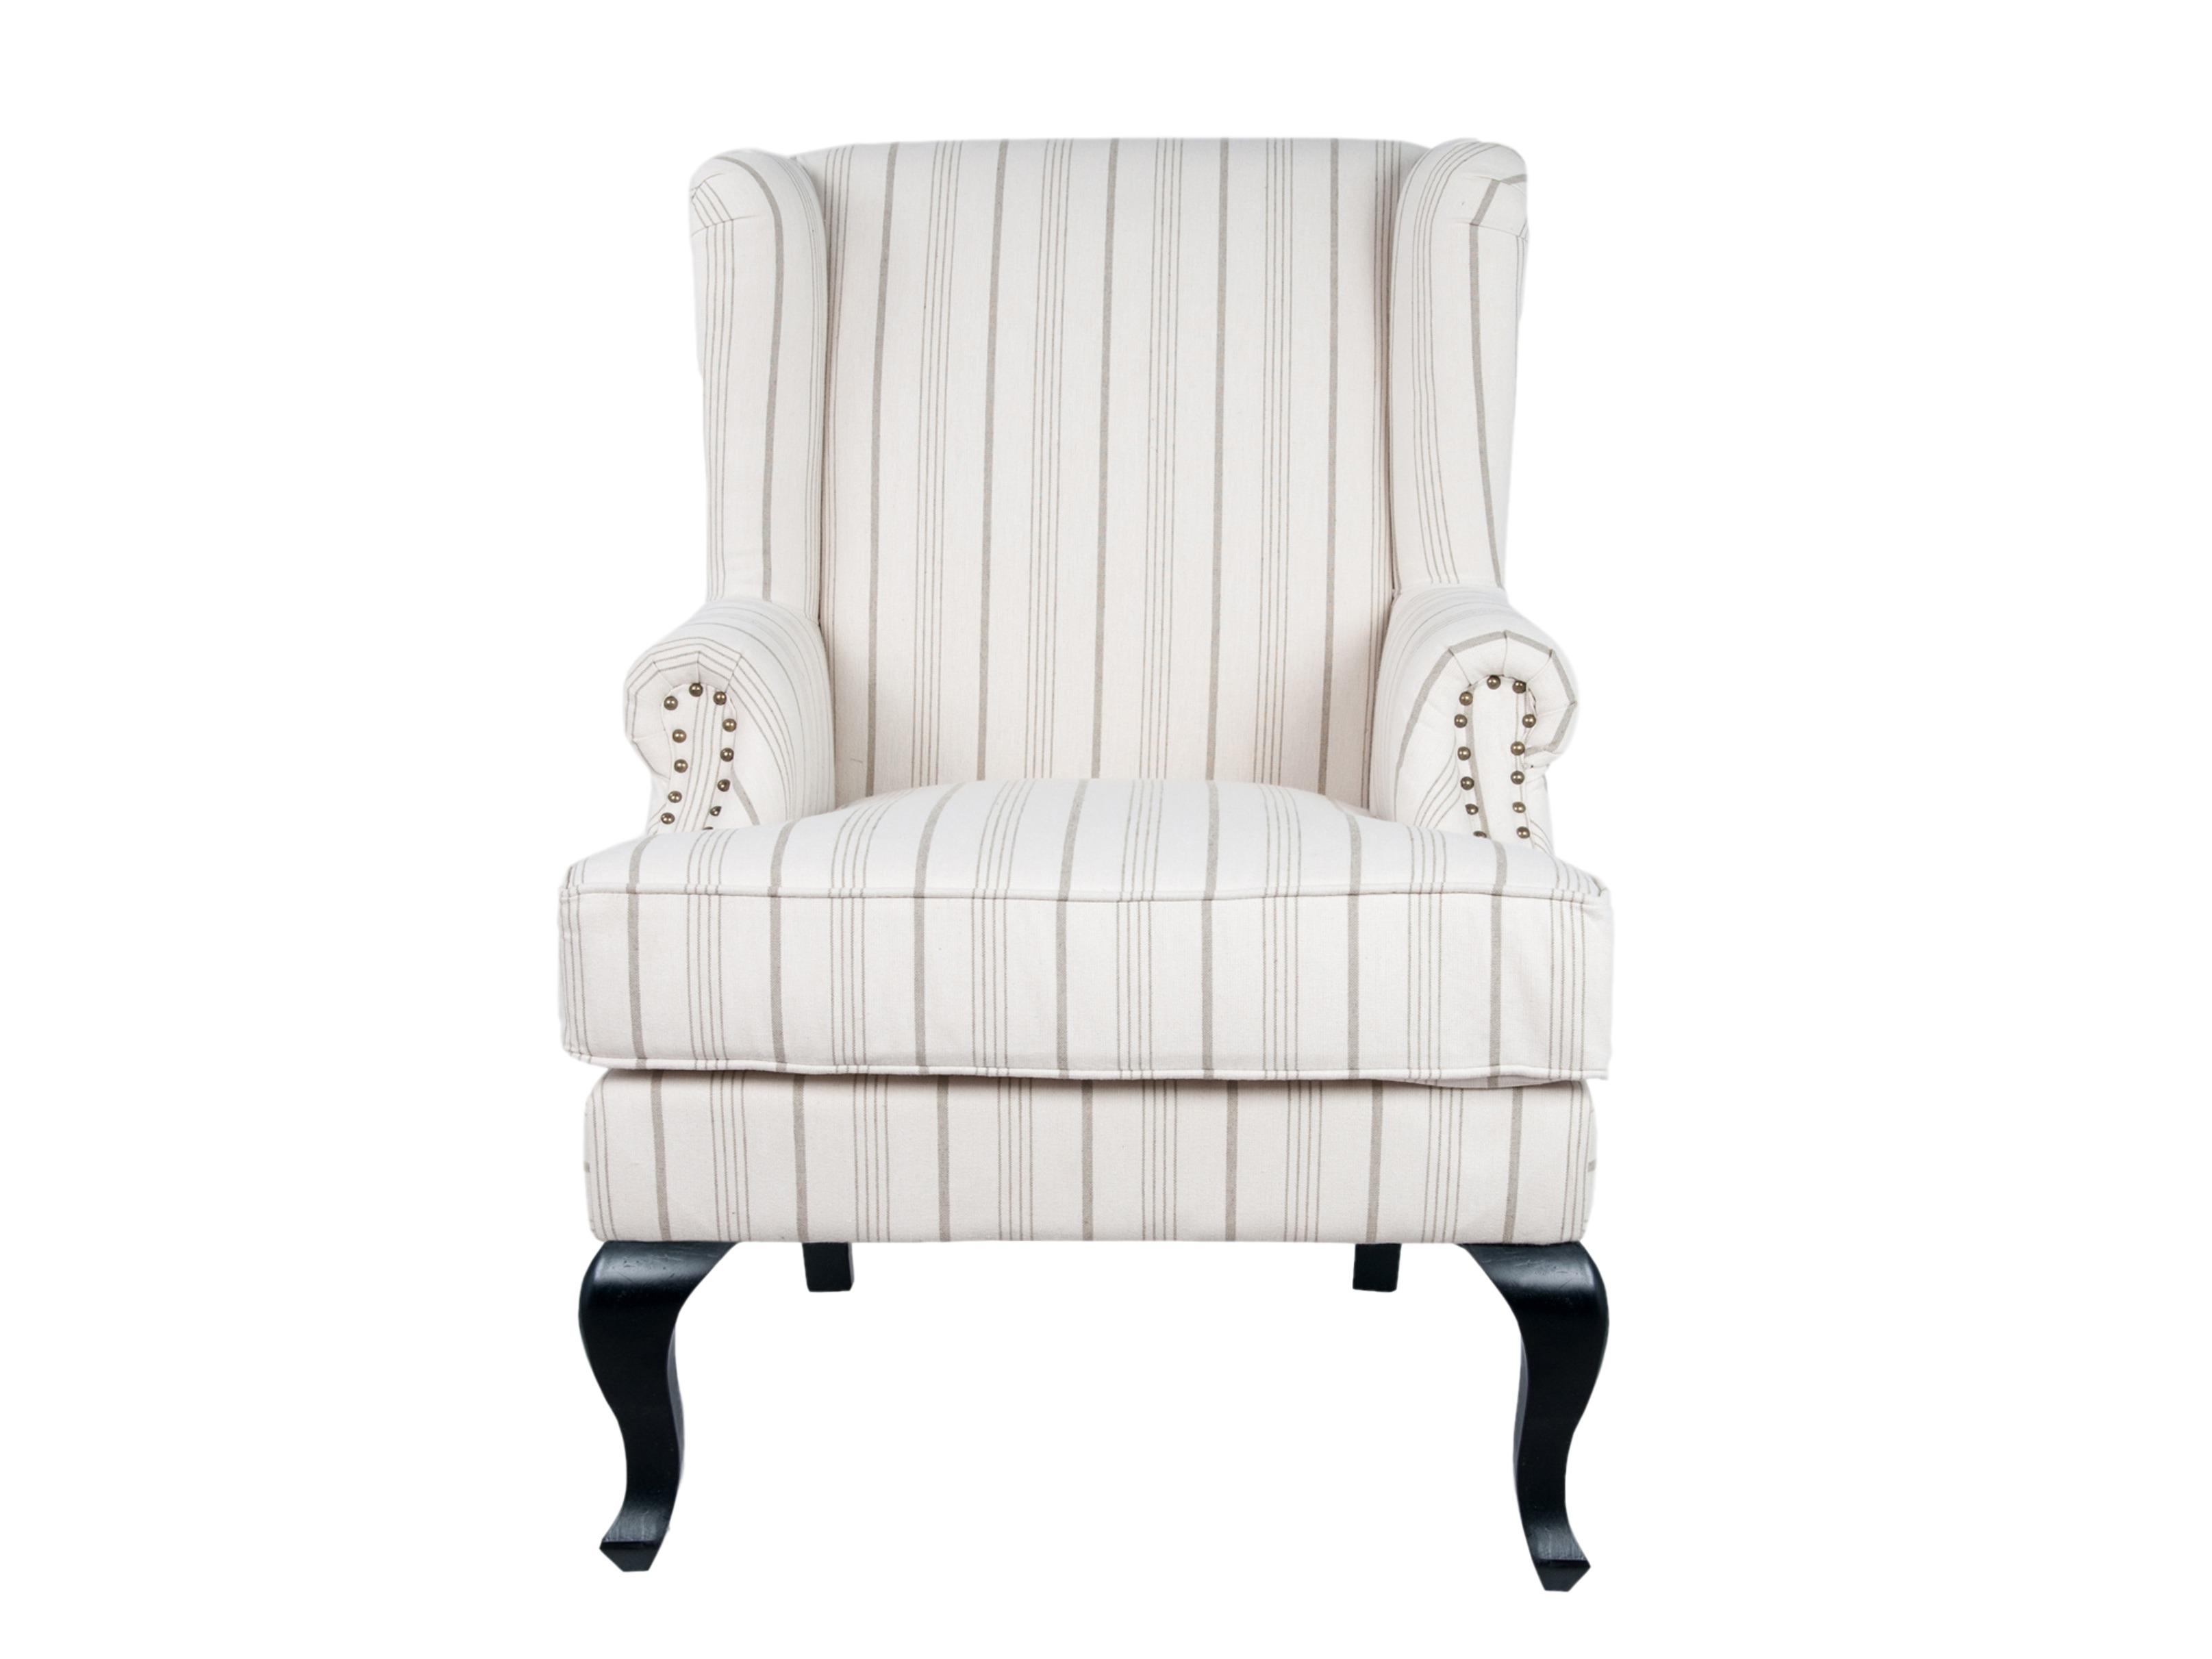 КреслоКресла с высокой спинкой<br>Кресло Lekalo это типичный представитель классической традиционной мебели. Глубокое, удобное кресло с высокой спинкой и подлокотниками окутает Вас комфортом и уютом.<br><br>Material: Лен<br>Width см: 77<br>Depth см: 75<br>Height см: 111